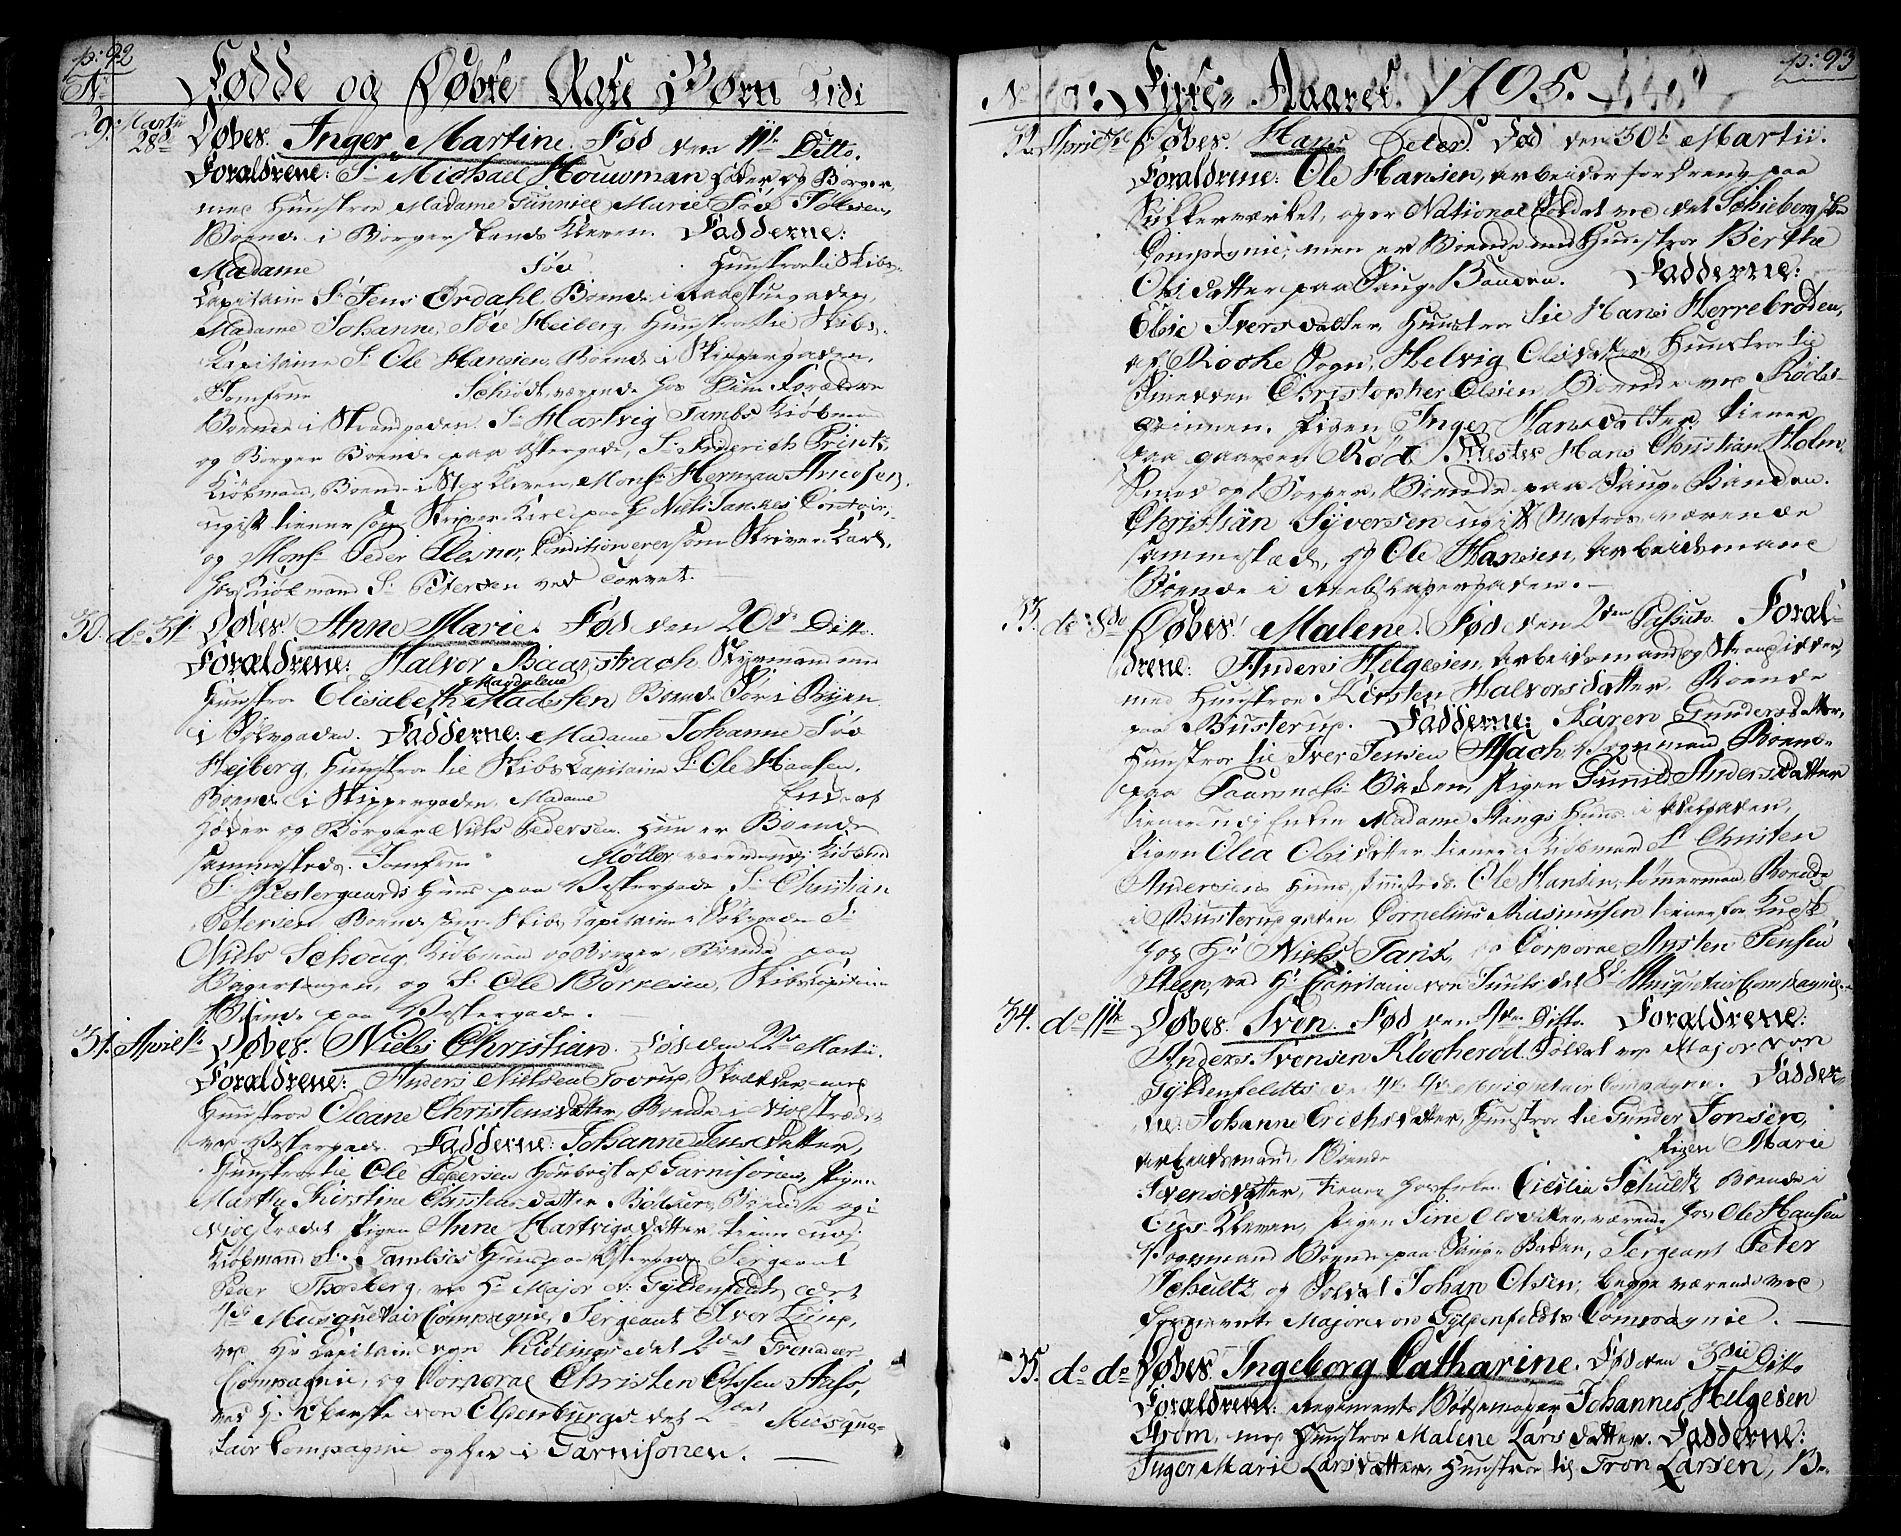 SAO, Halden prestekontor Kirkebøker, F/Fa/L0002: Ministerialbok nr. I 2, 1792-1812, s. 92-93